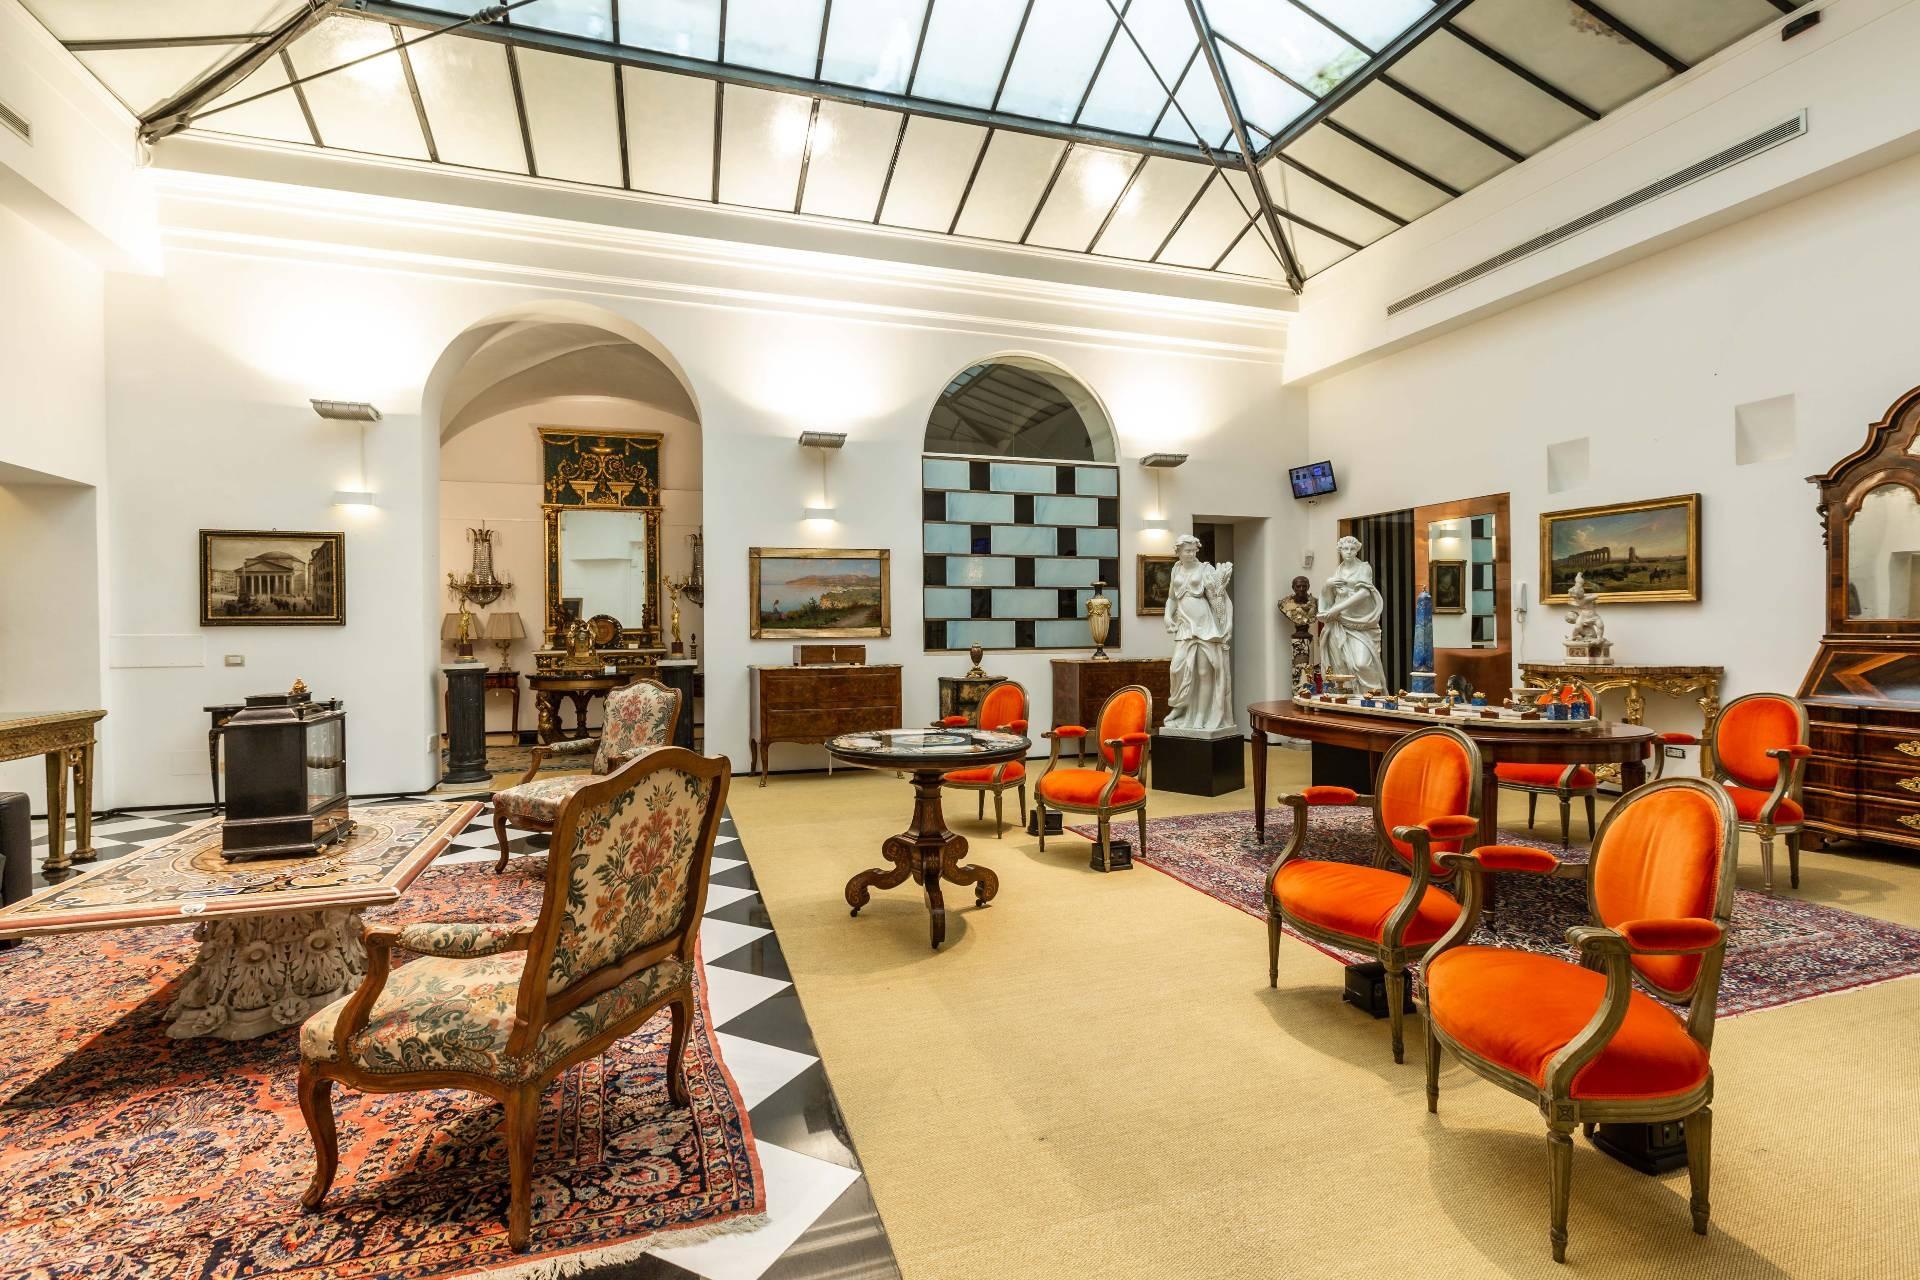 Cbi100 43521pq negozio in affitto a roma centro for Locali commerciali in affitto roma centro